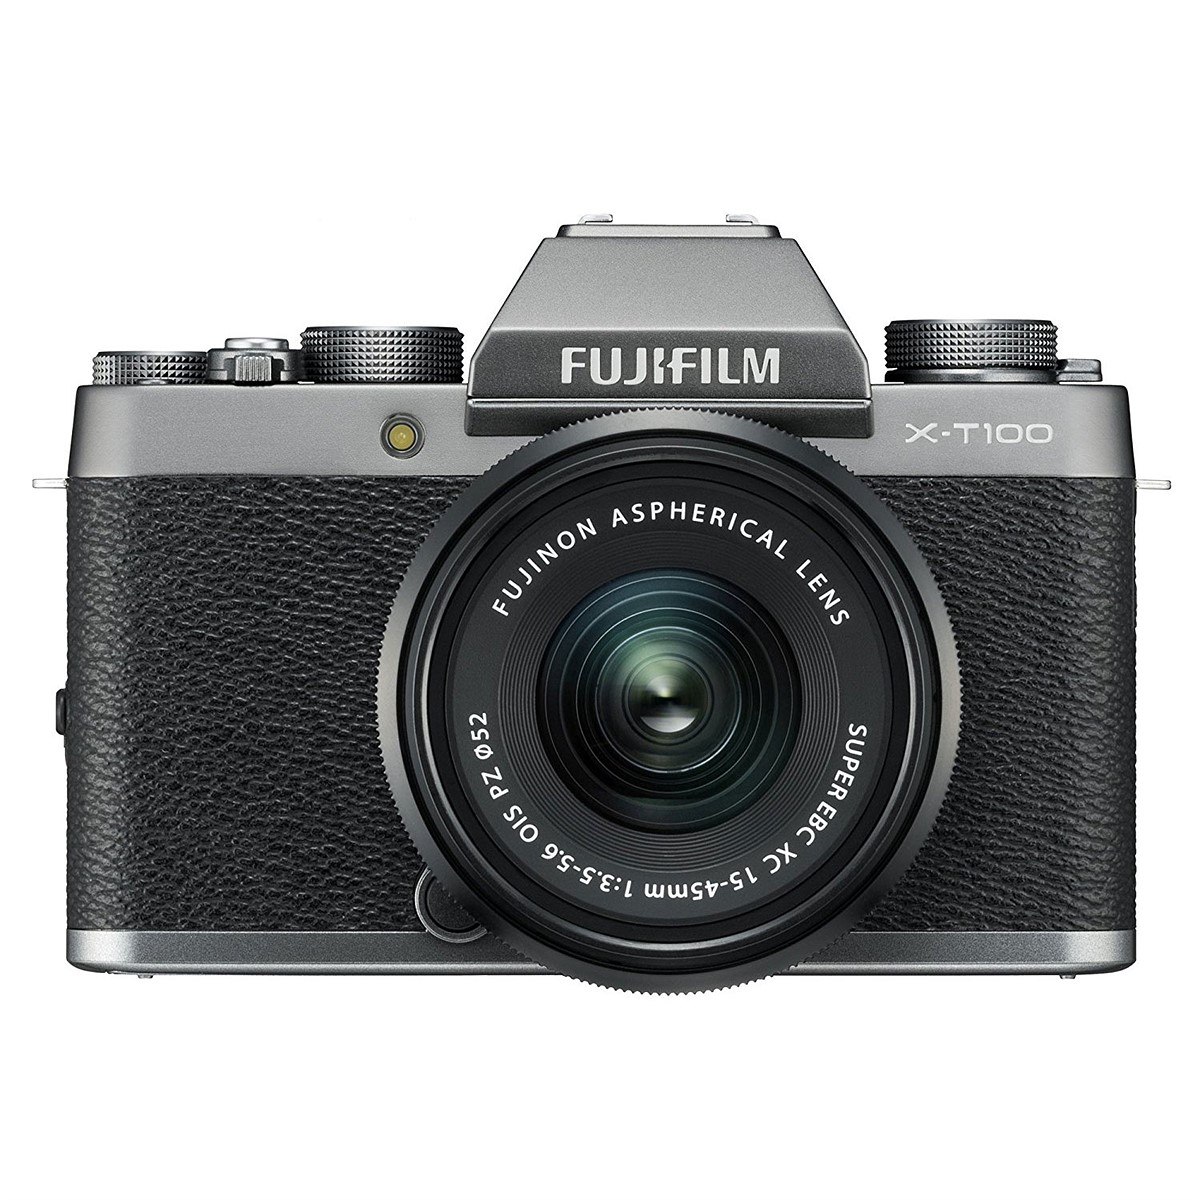 FUJIFILM X-T100 + XC 15-45mm/f3,5-5,6 OIS + reproduktor BOSE ZDARMA + Reproduktor BOSE v hodnotě 3590 Kč zdarma a dárkový set v hodnotě 2 600,- Kč…